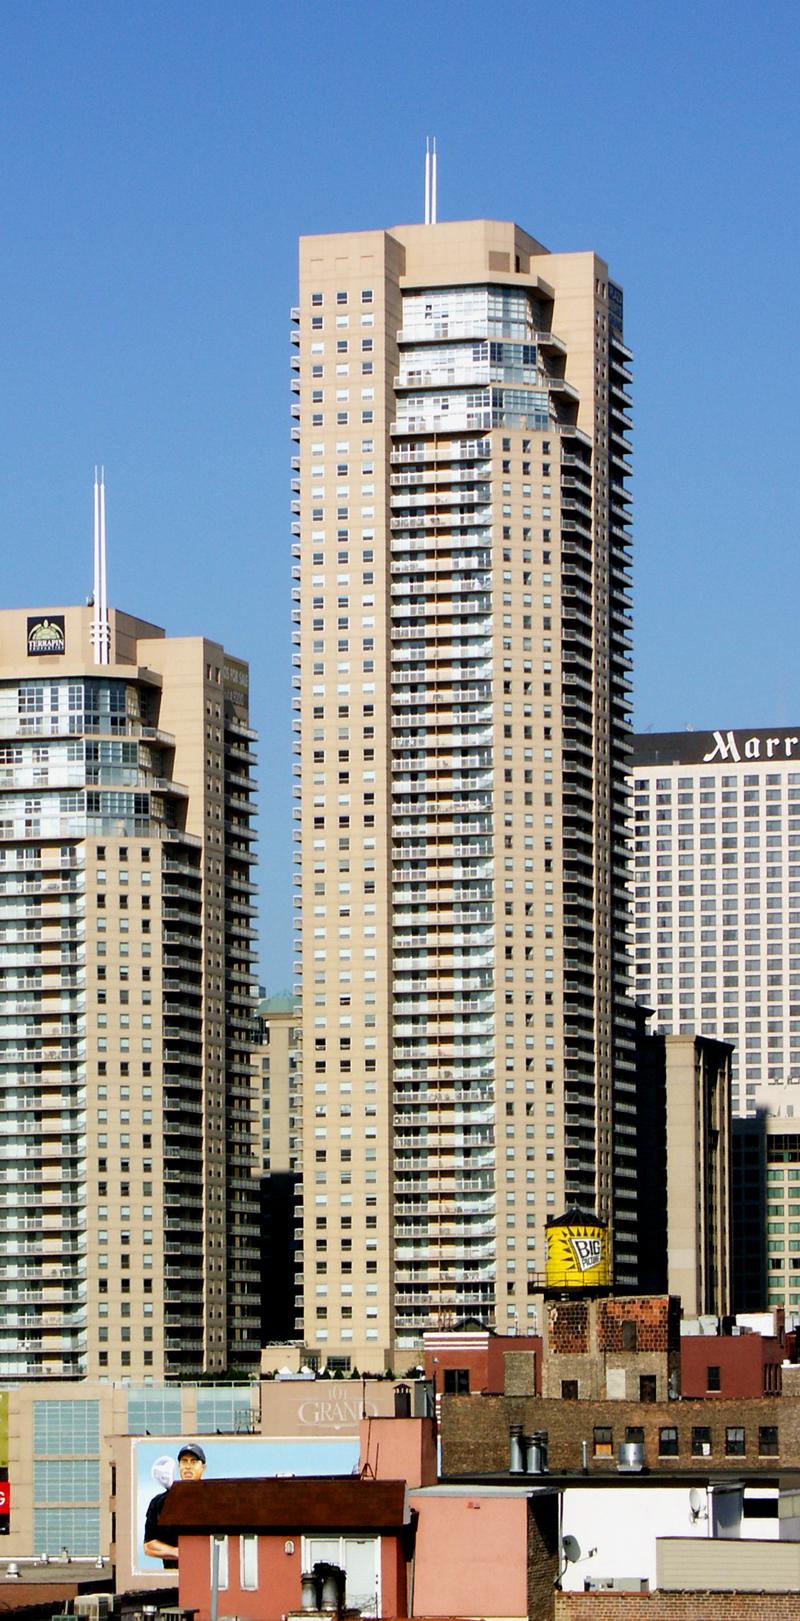 Grand Plaza Apartments The Skyscraper Center